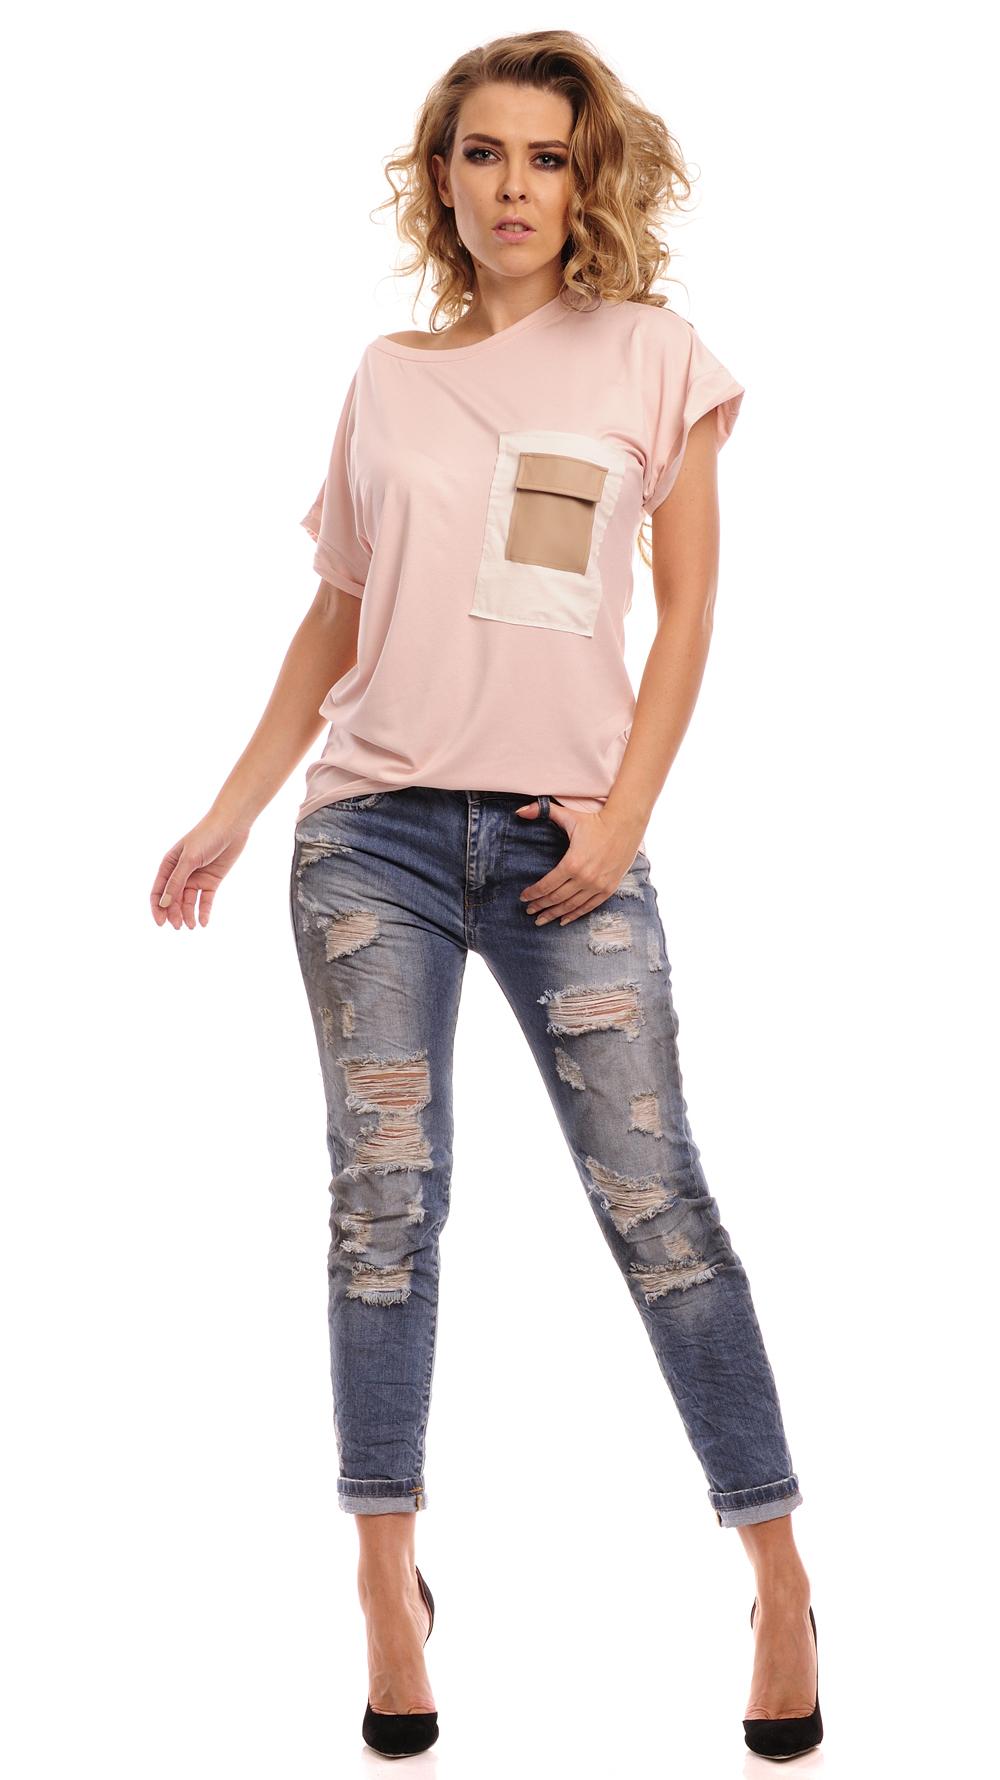 Triko s  kapsou z eko-kůže, růžová, jednotná